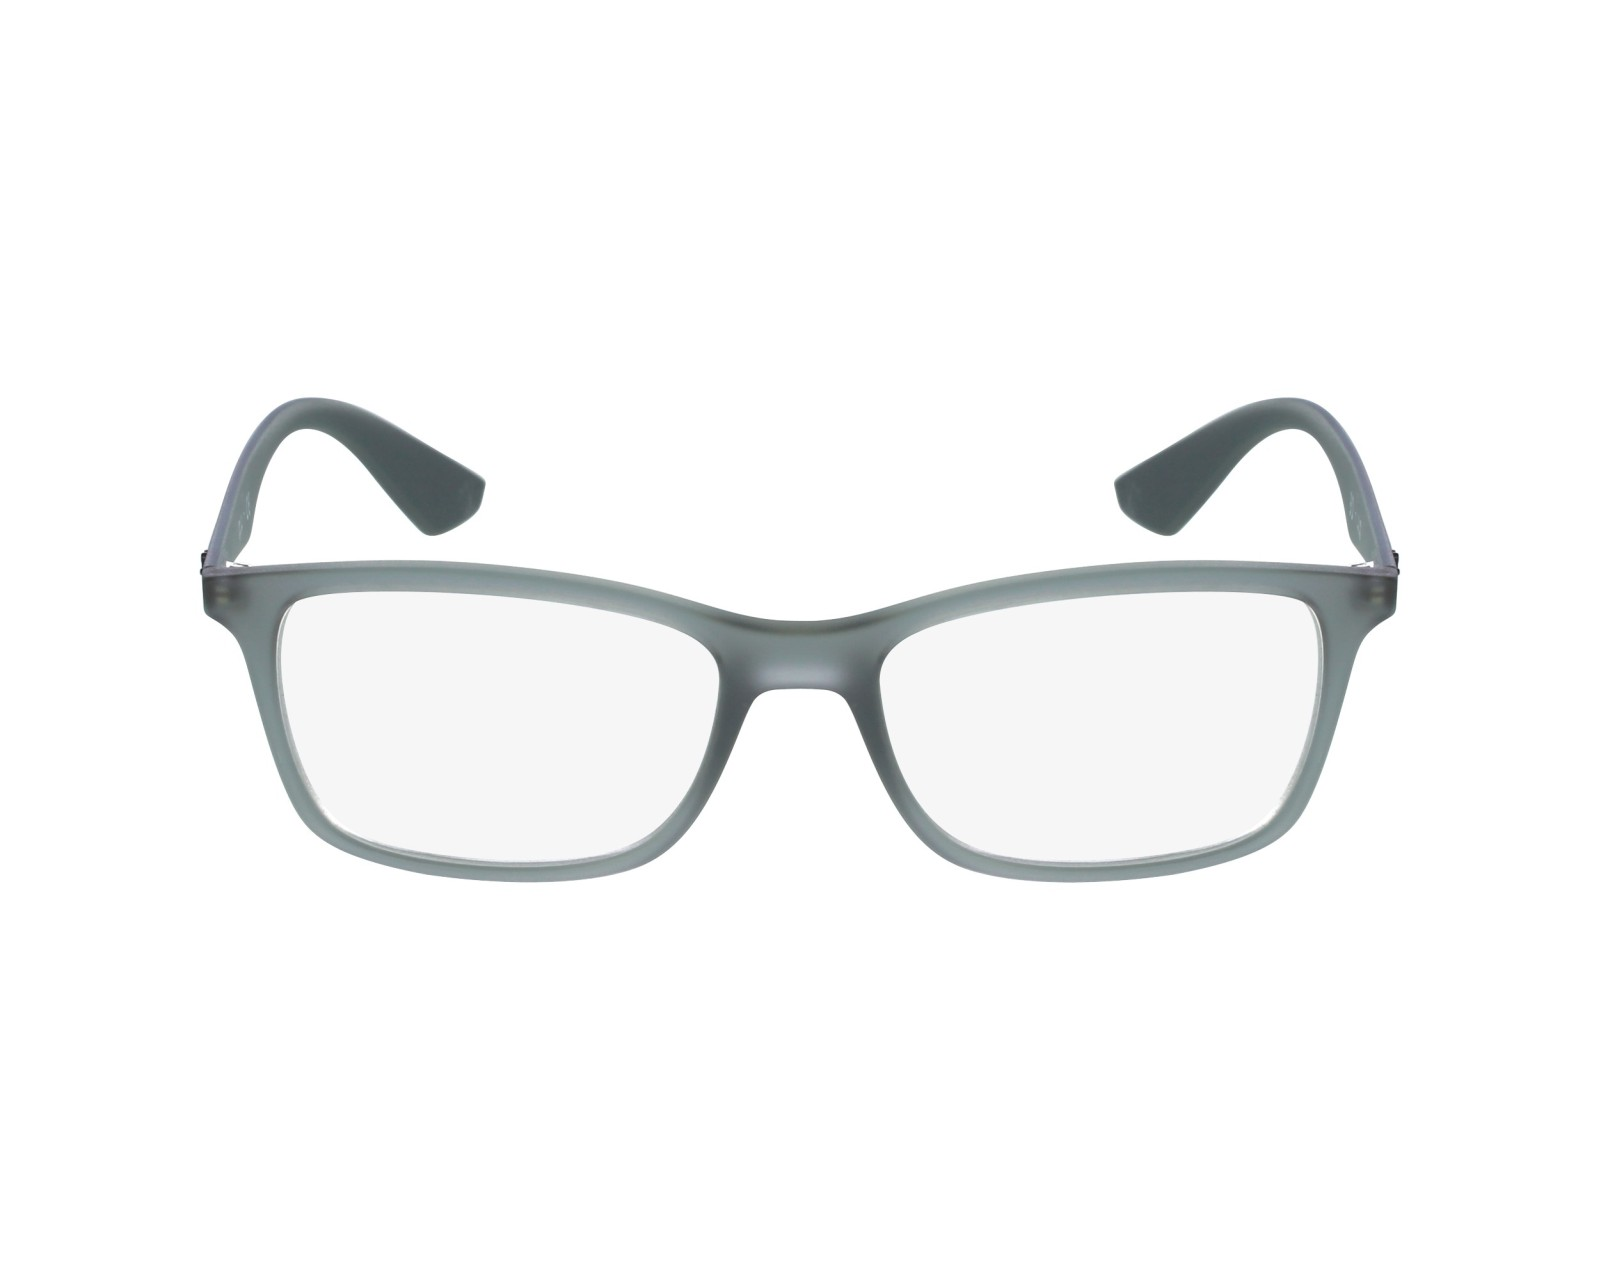 3ff9fefbd0 Brillen Ray-Ban RX-7047 5482 54-17 grau Profilansicht